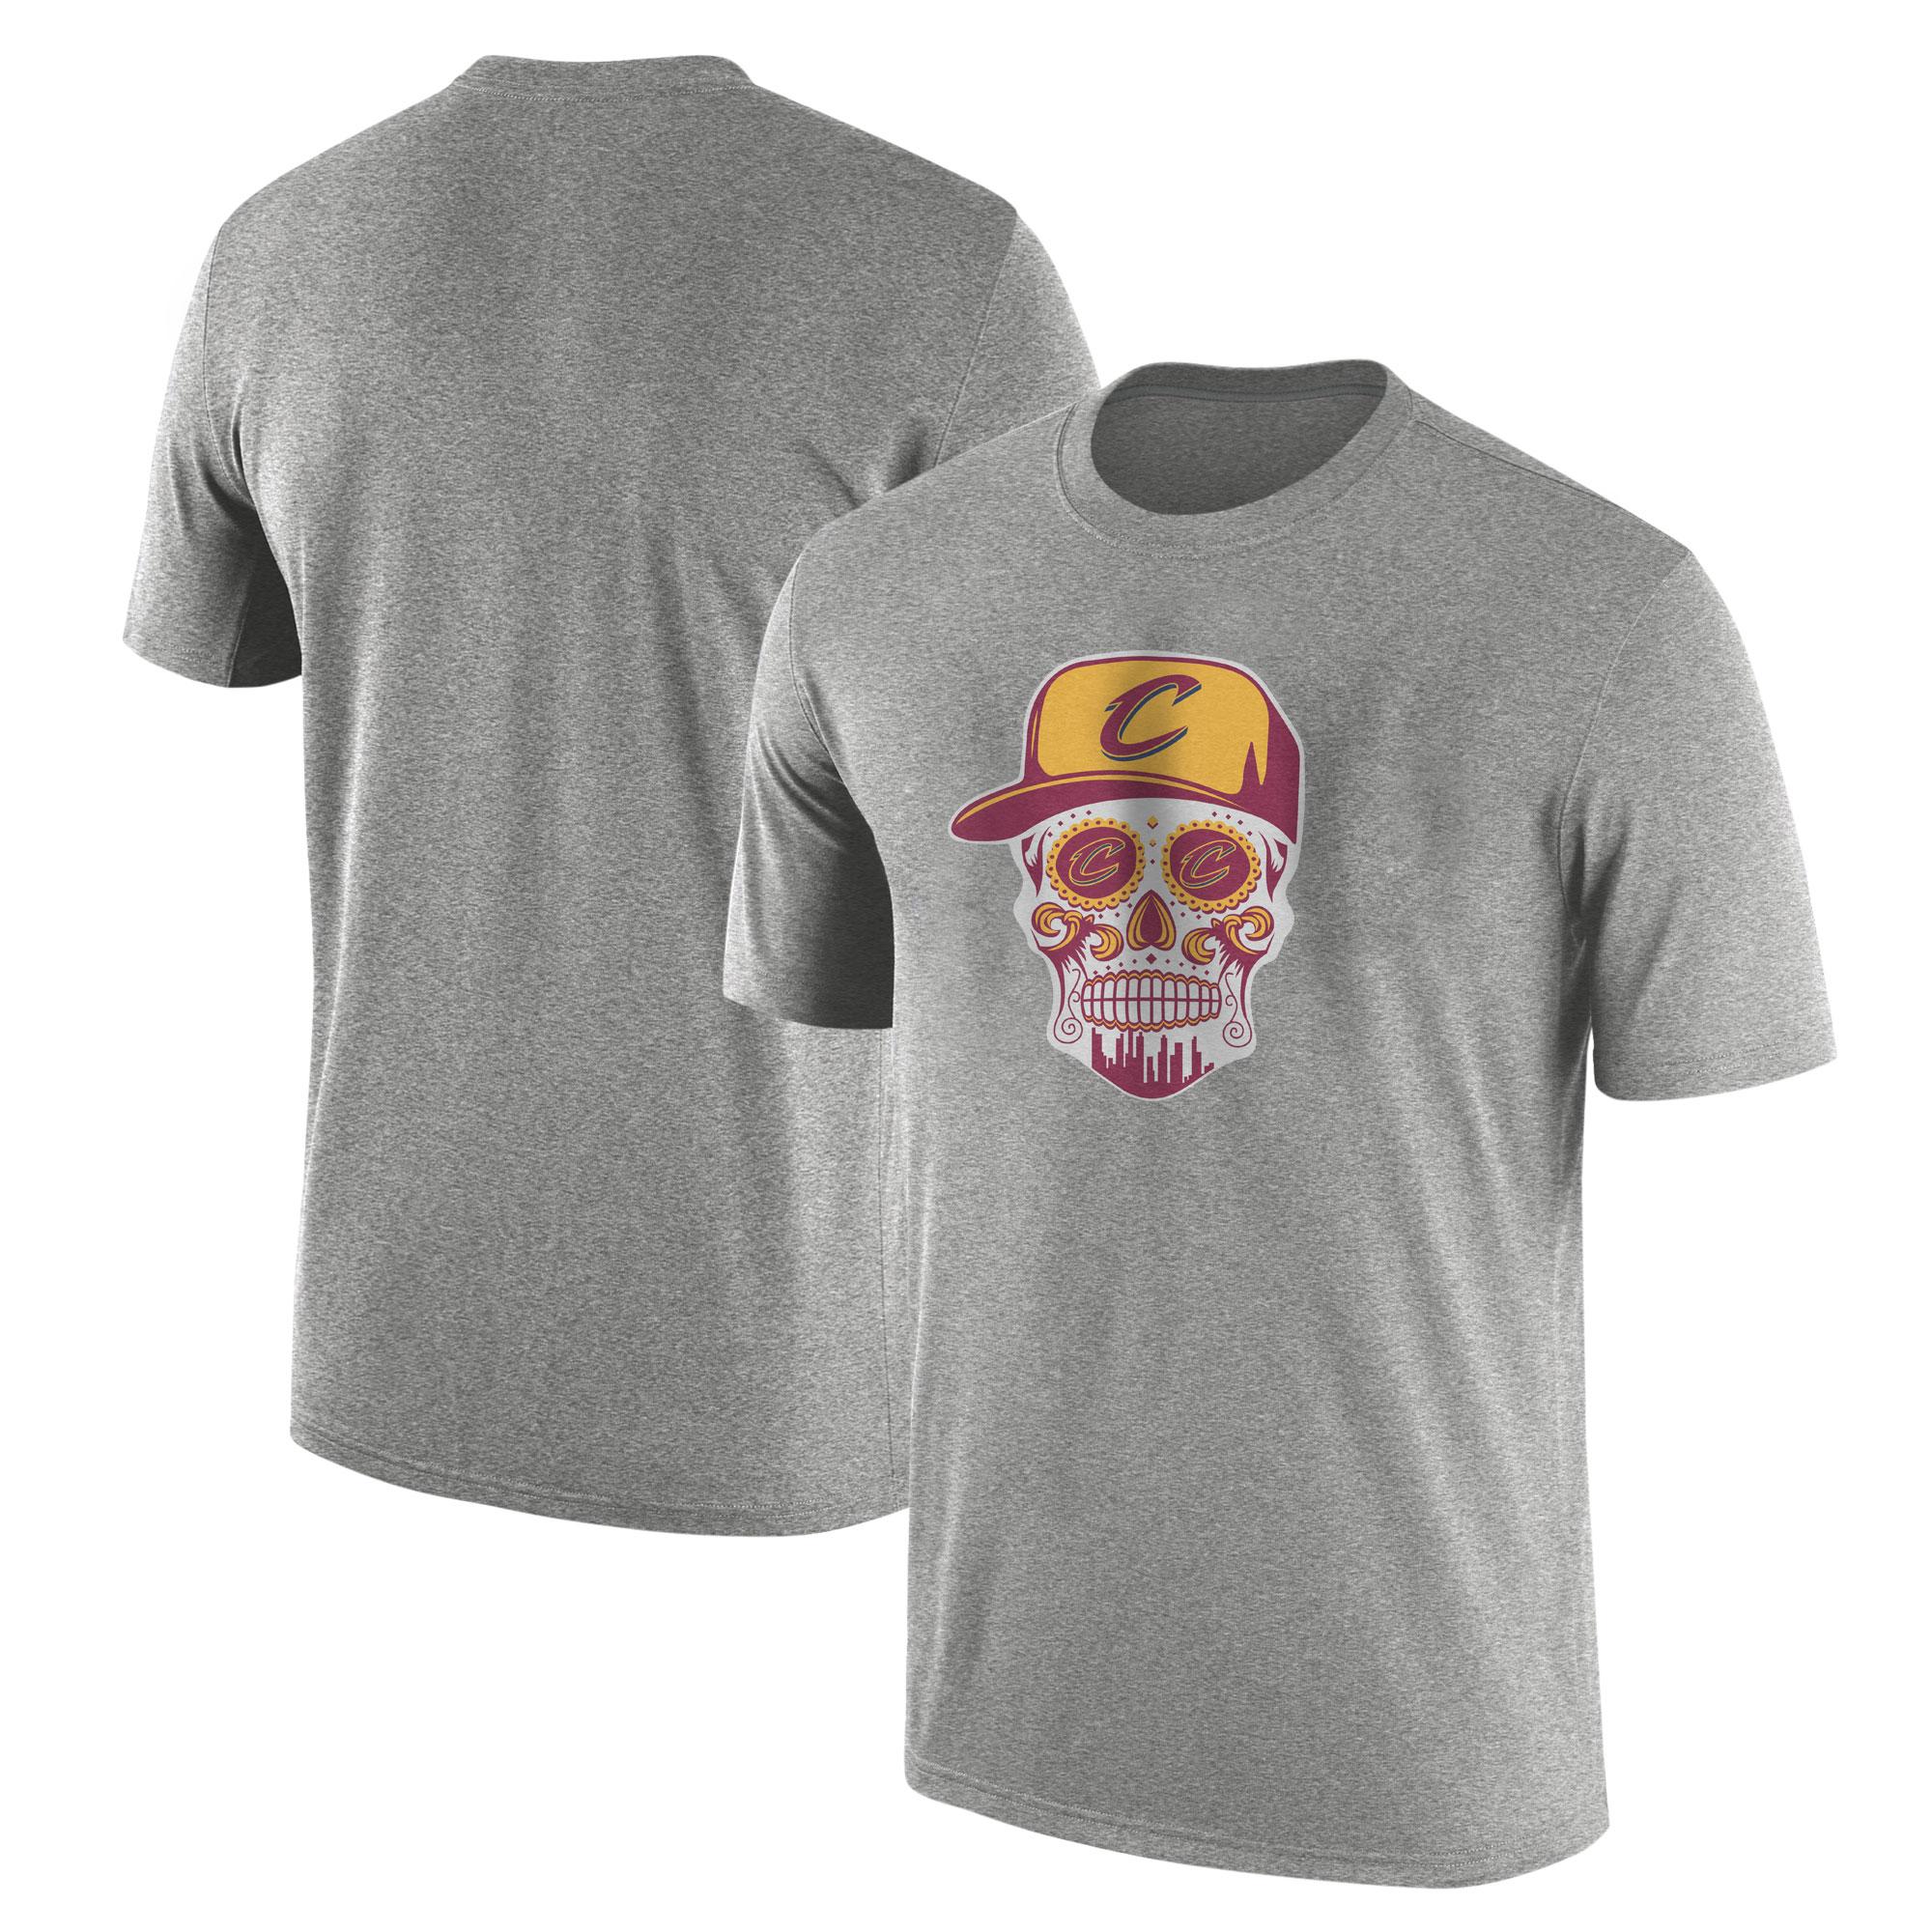 Cleveland Skull Tshirt (TSH-GRY-NP-449-NBA-CLE-SKULL)